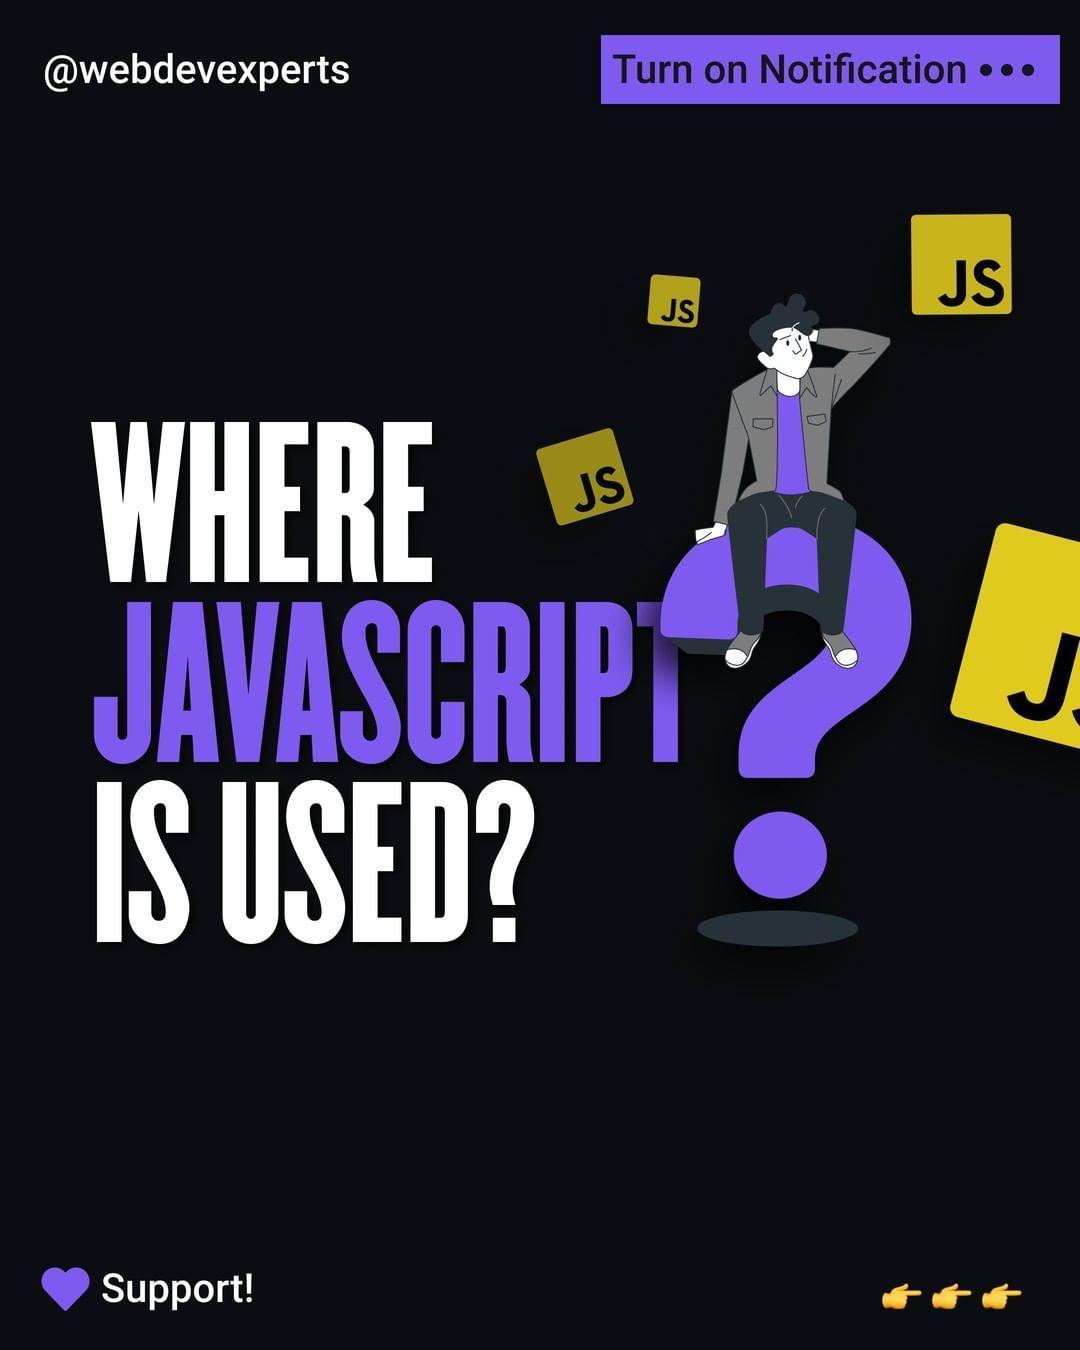 Where javascript is used